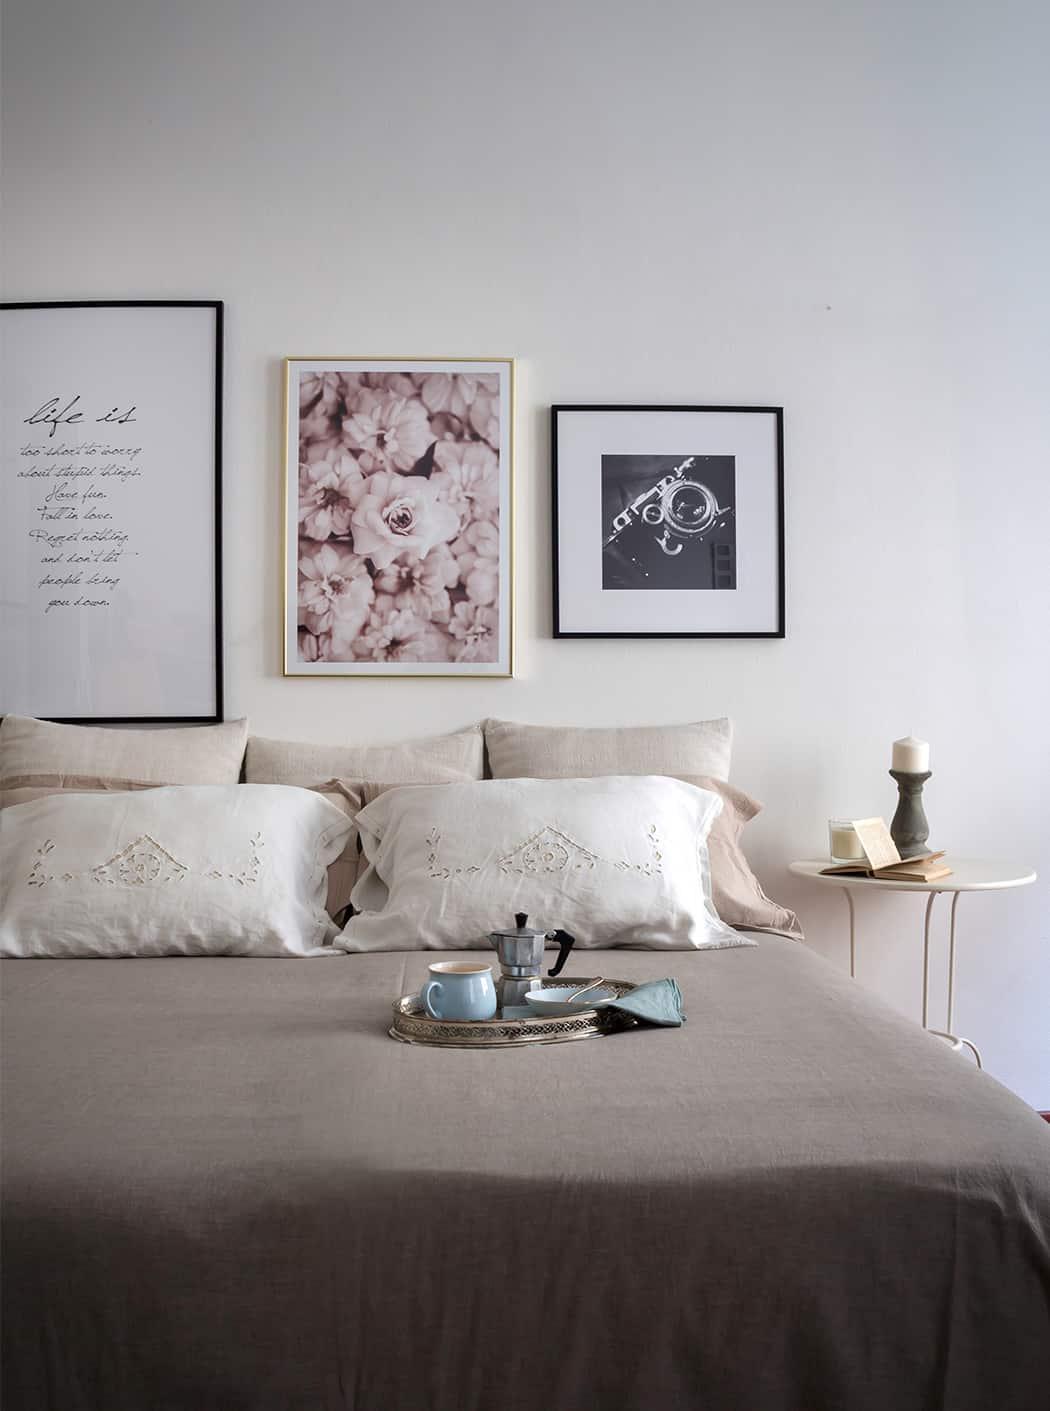 poster e quadri in camera da letto